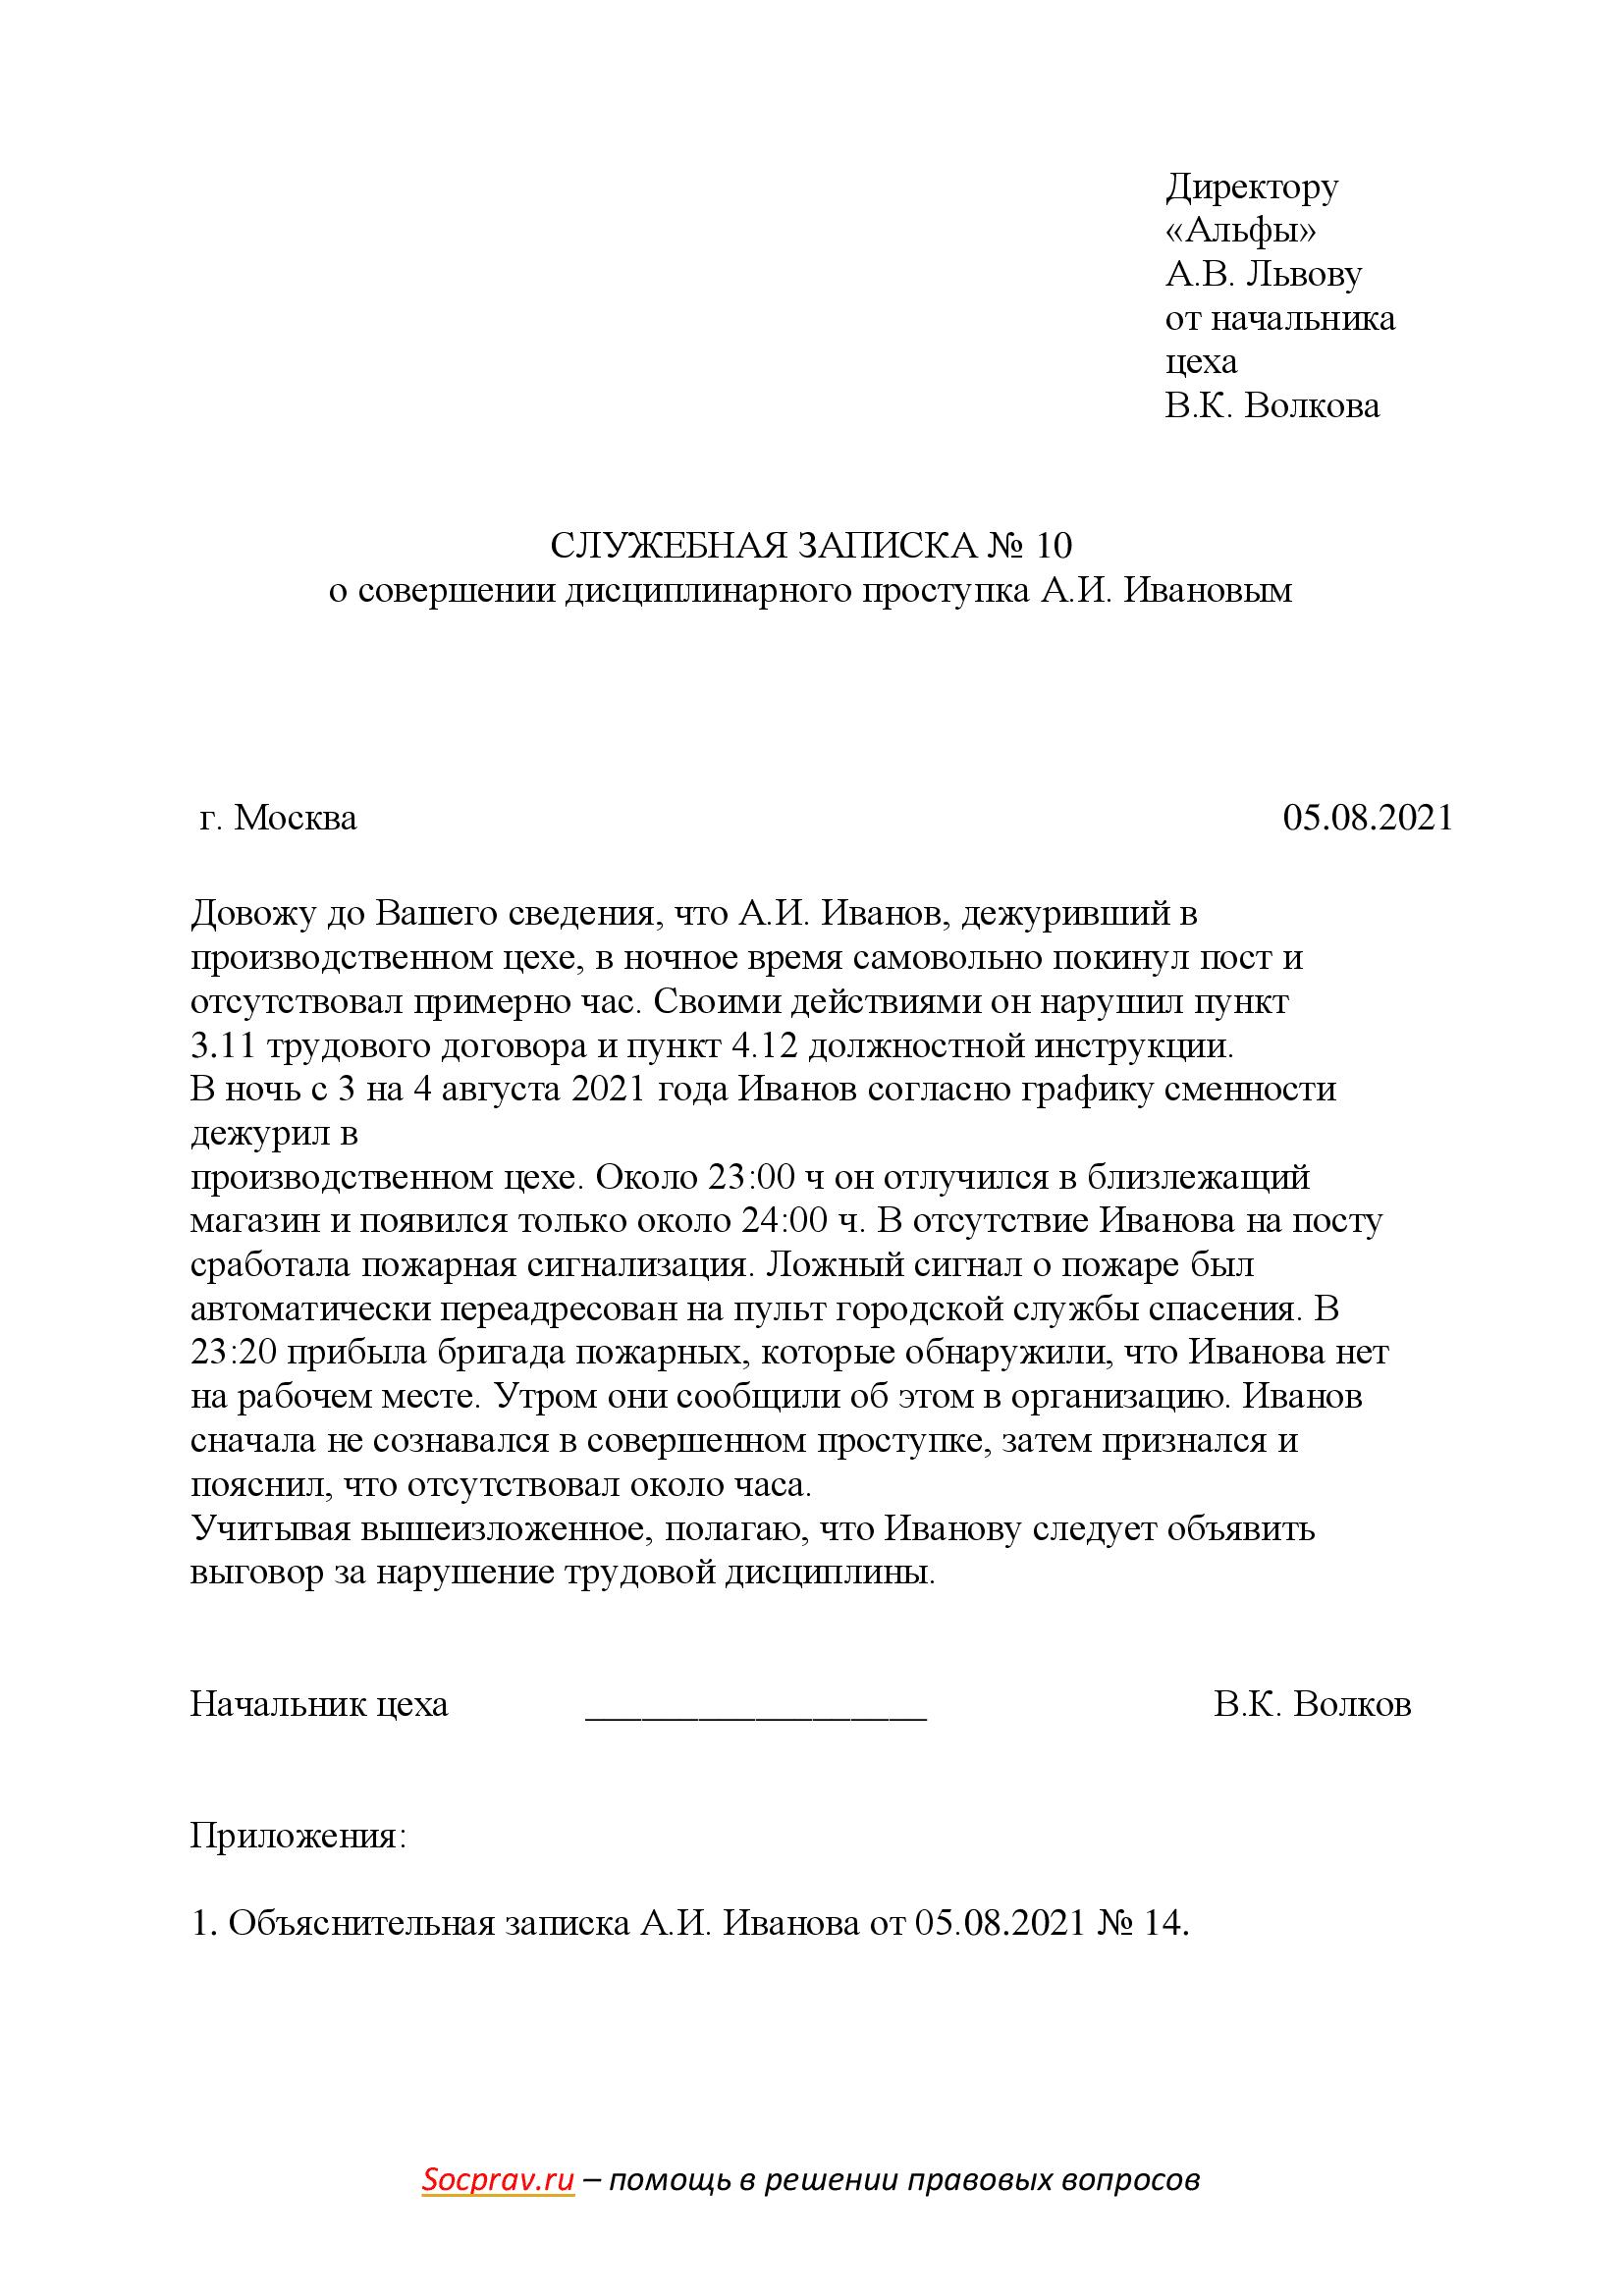 Служебная записка о совершении дисциплинарного проступка